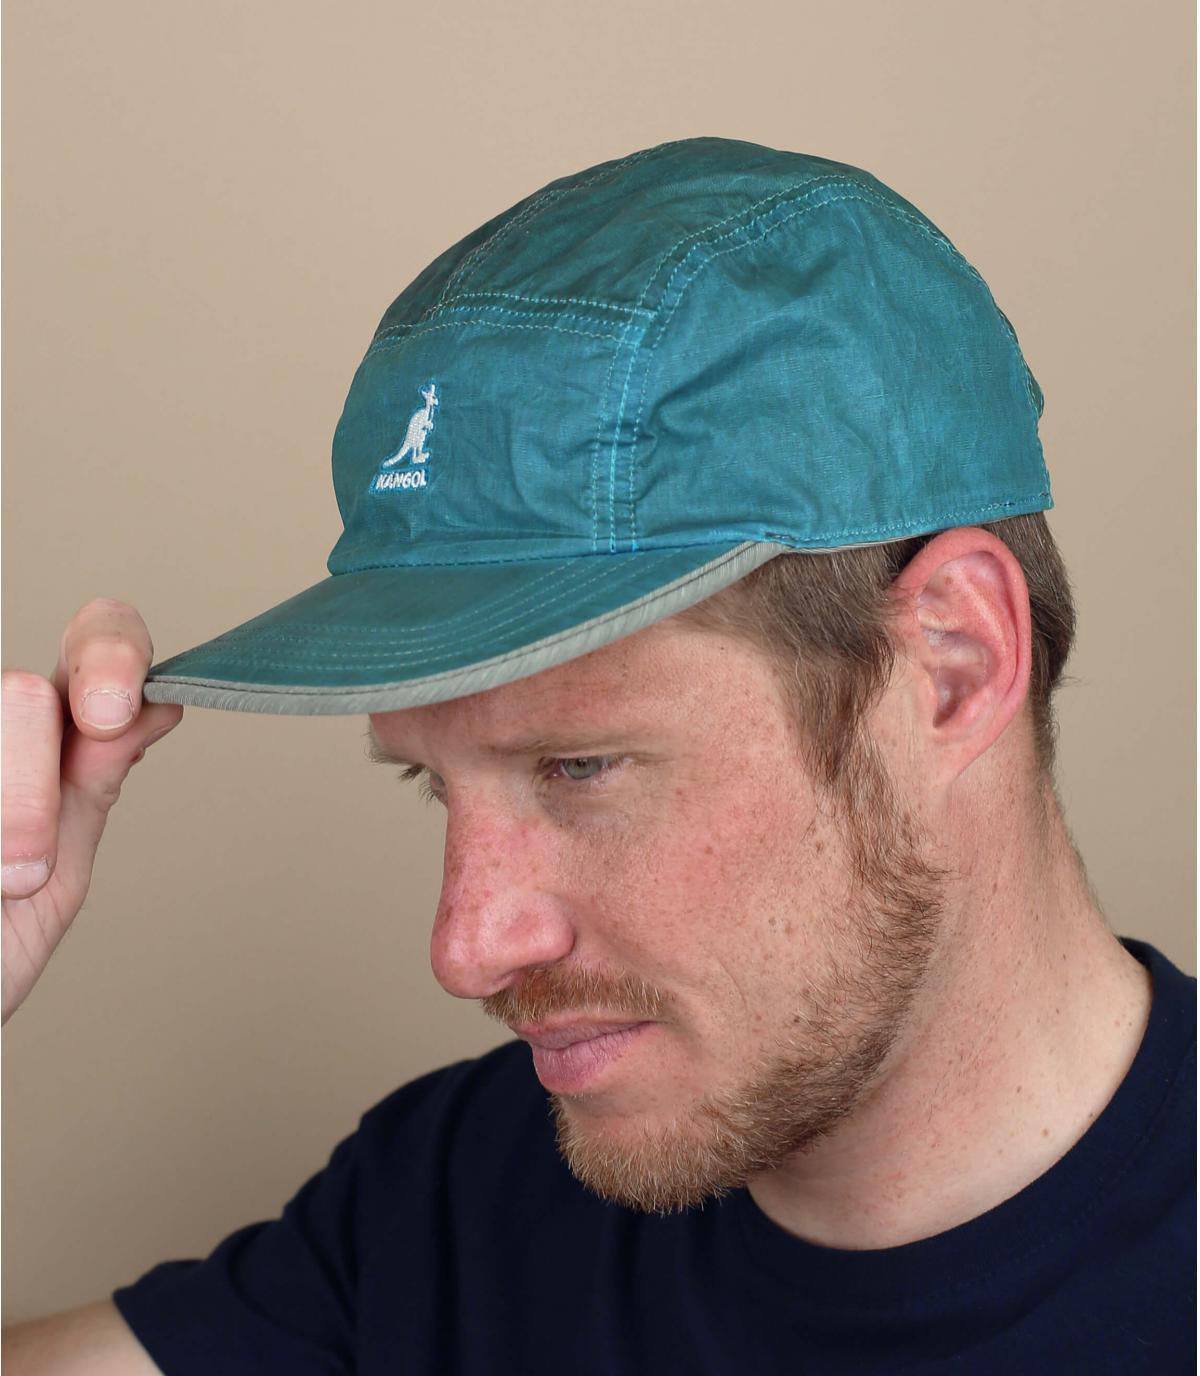 cappellino tie dye Kangol